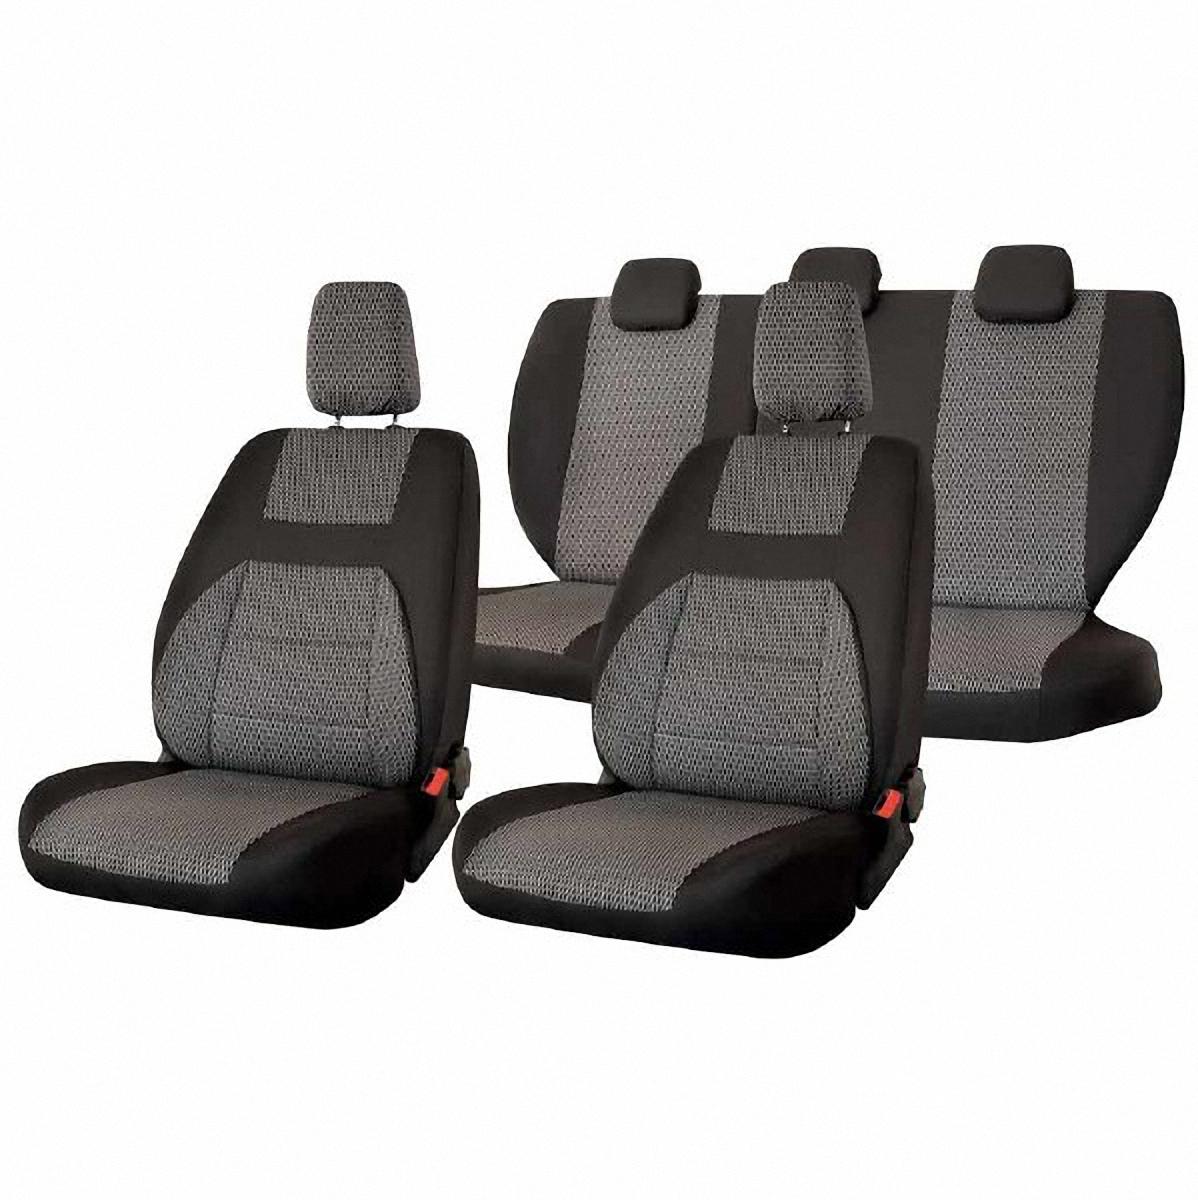 Чехлы автомобильные Skyway, для Lada Granta, цвет: темно-серыйV004-D2Автомобильные чехлы Skyway изготовлены из качественного жаккарда. Чехлы идеально повторяют штатную форму сидений и выглядят как оригинальная обивка сидений. Разработаны индивидуально для каждой модели автомобиля. Авточехлы Skyway просты в уходе - загрязнения легко удаляются влажной тканью. Чехлы имеют раздельную схему надевания. Заднее сиденье - сплошное. В комплекте 11 предметов.